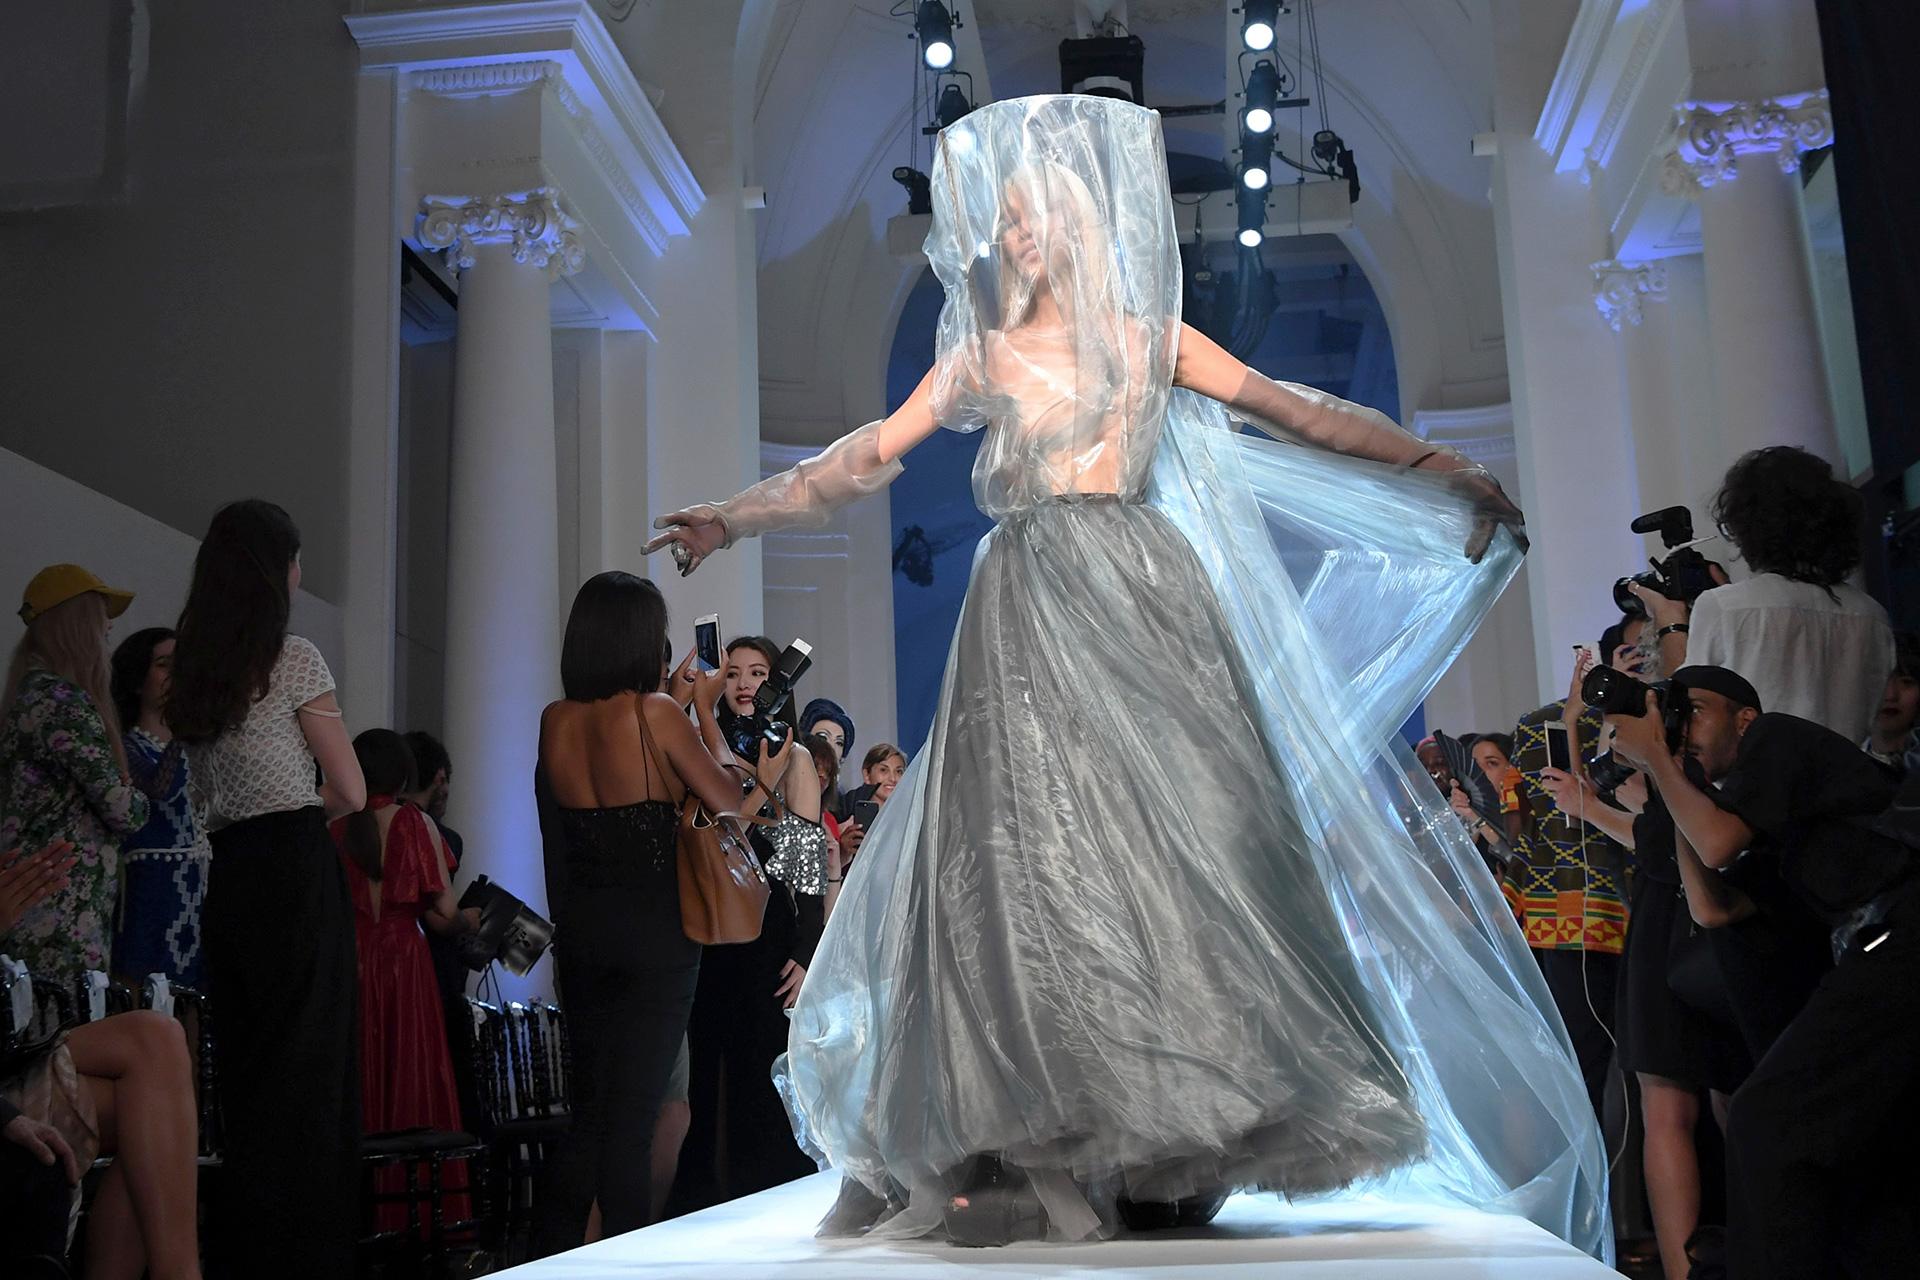 Diseños voluminosos y envolventes vistieron el cuerpo femenino y otras veladas